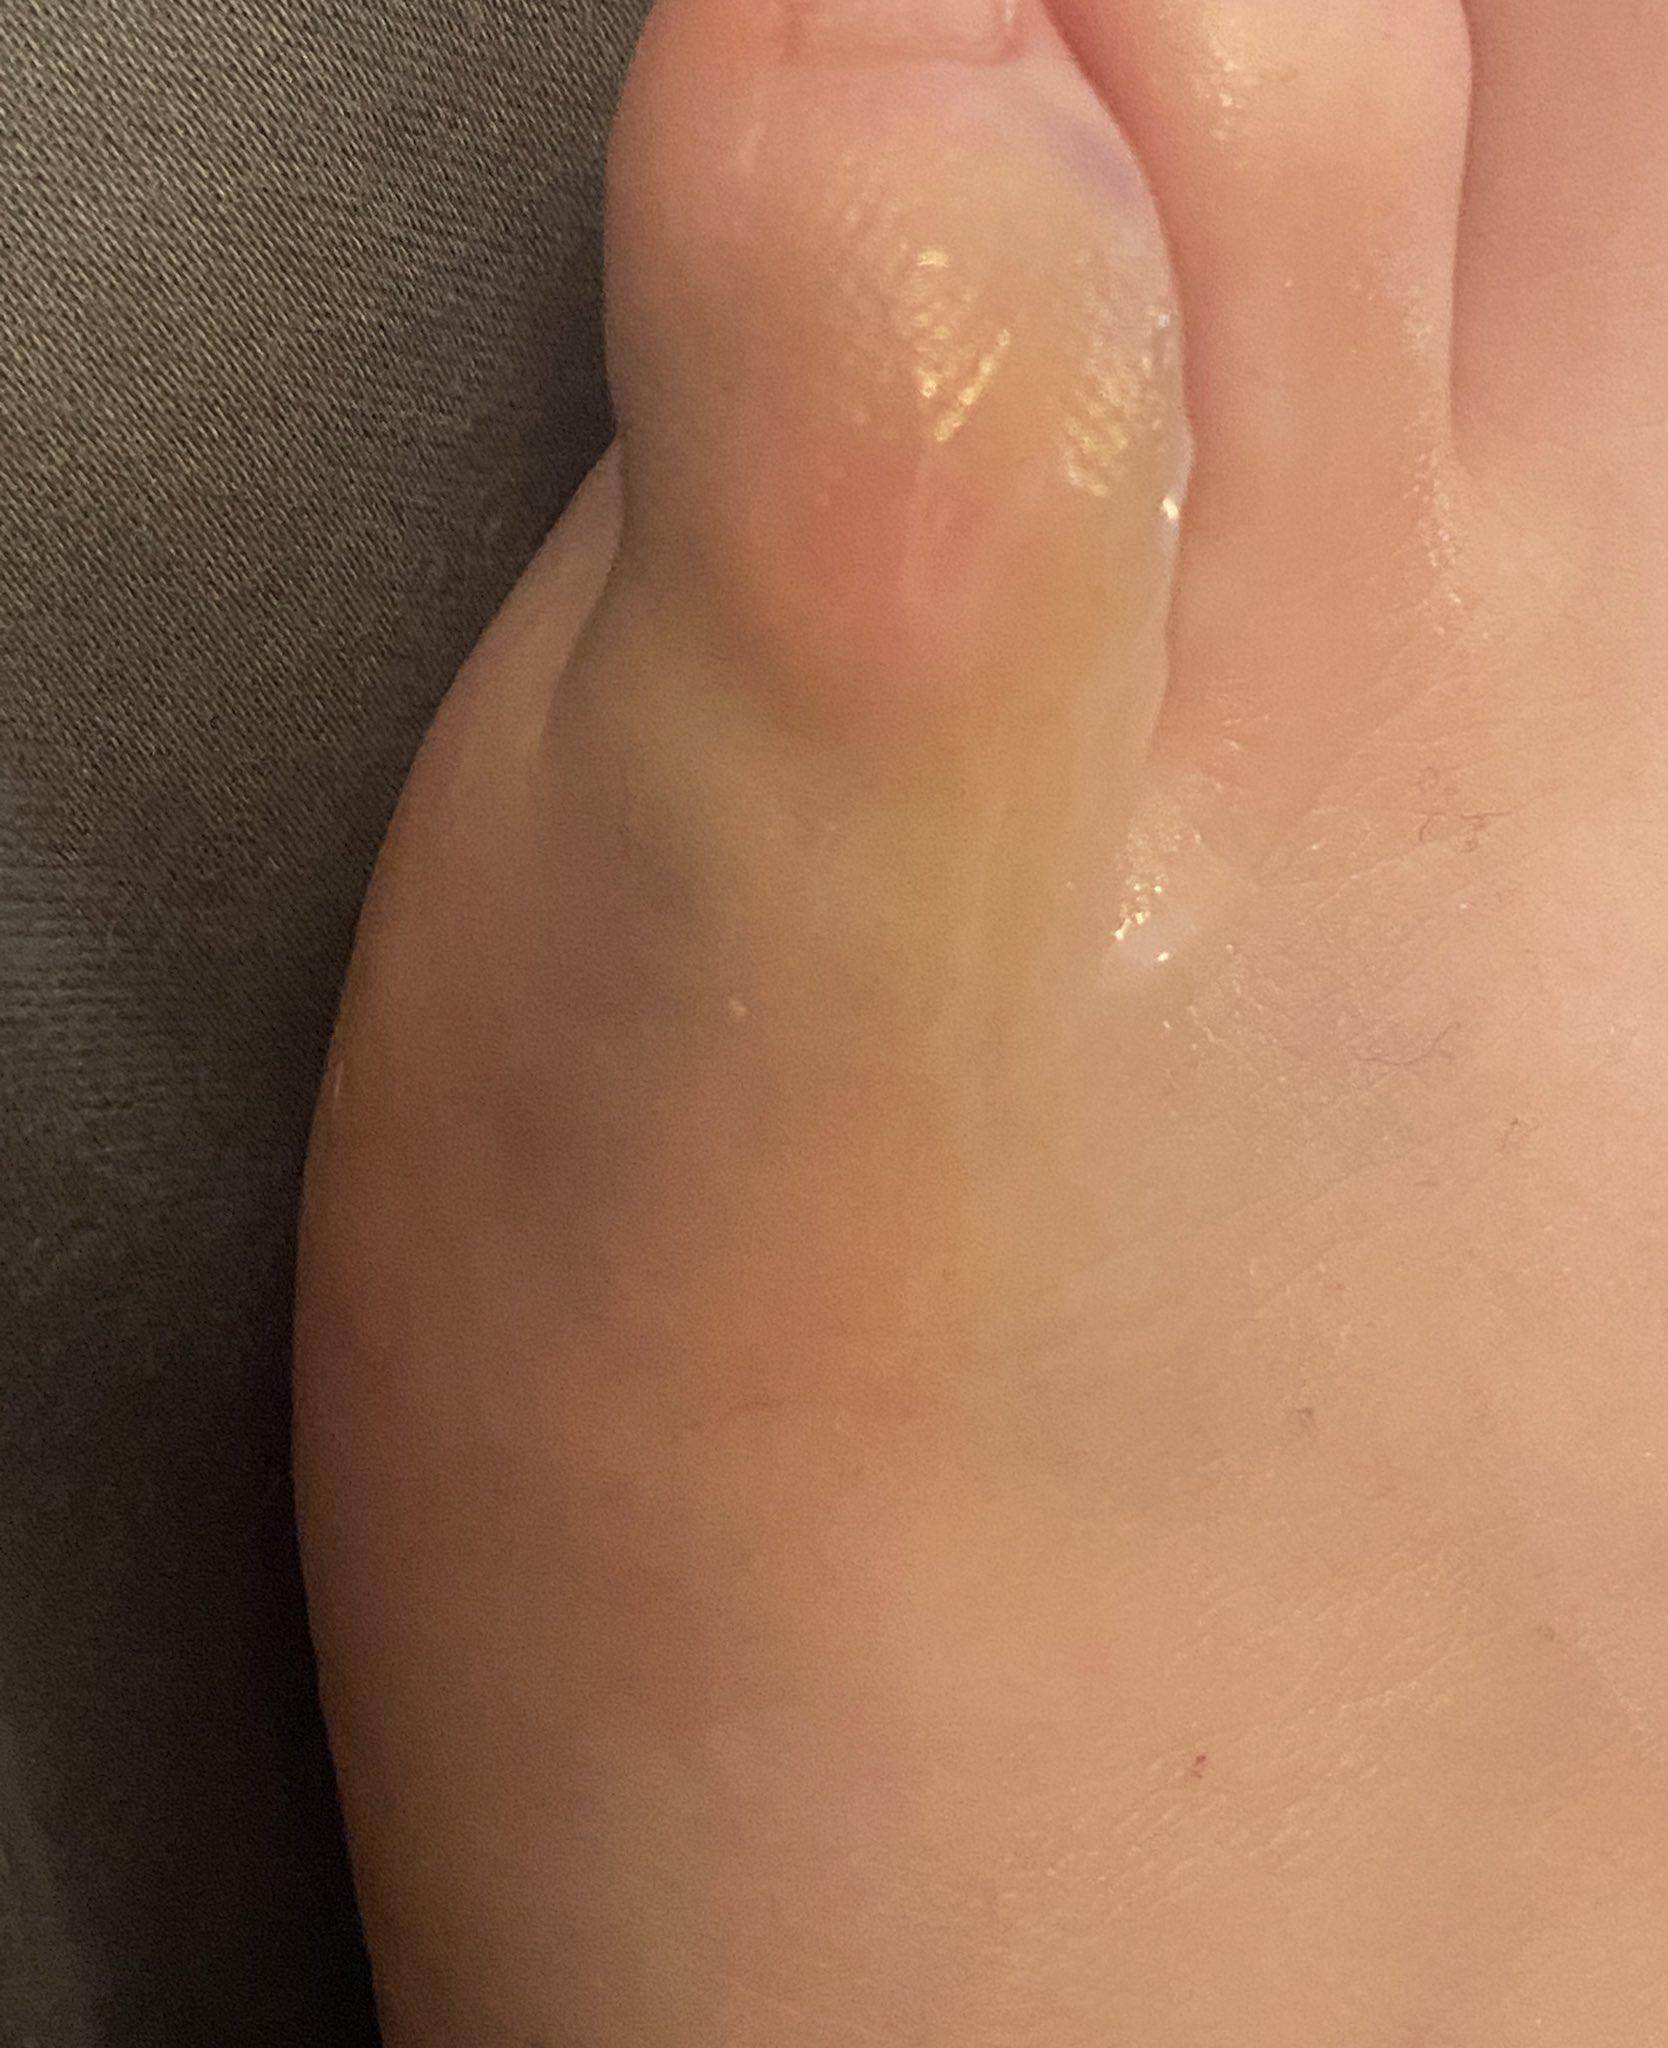 Fußzeh gebrochener Zehe (Fuß)